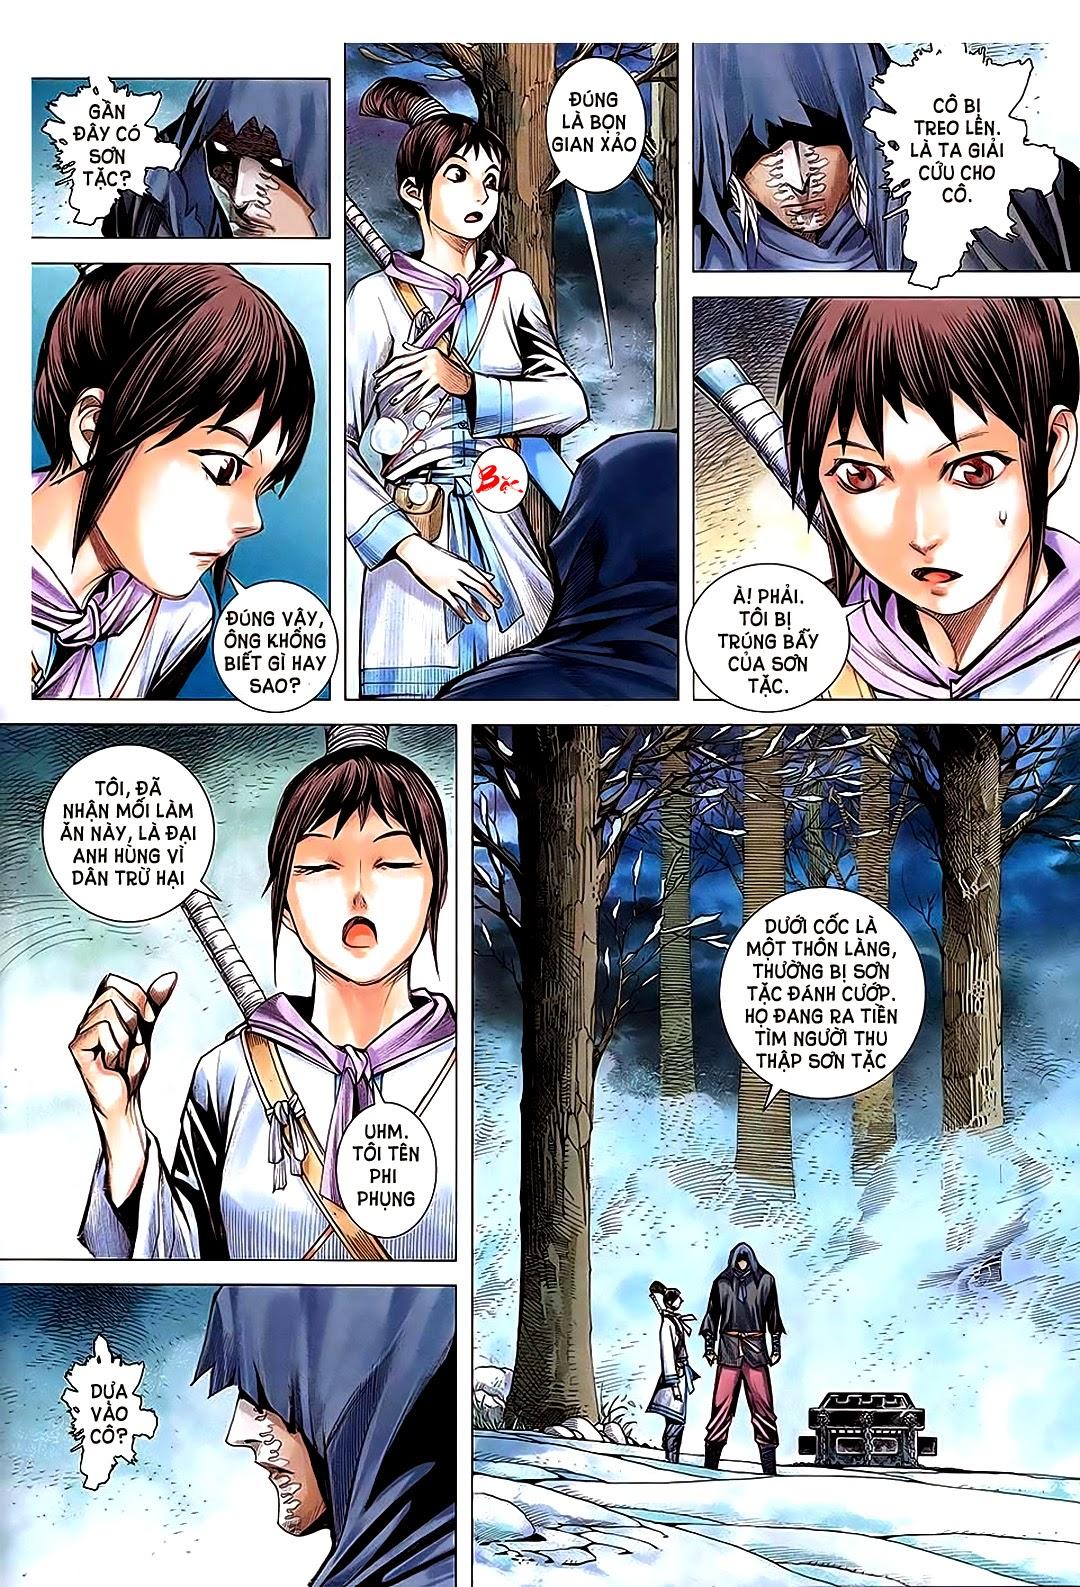 Phong Thần Ký Chap 182 - Trang 14